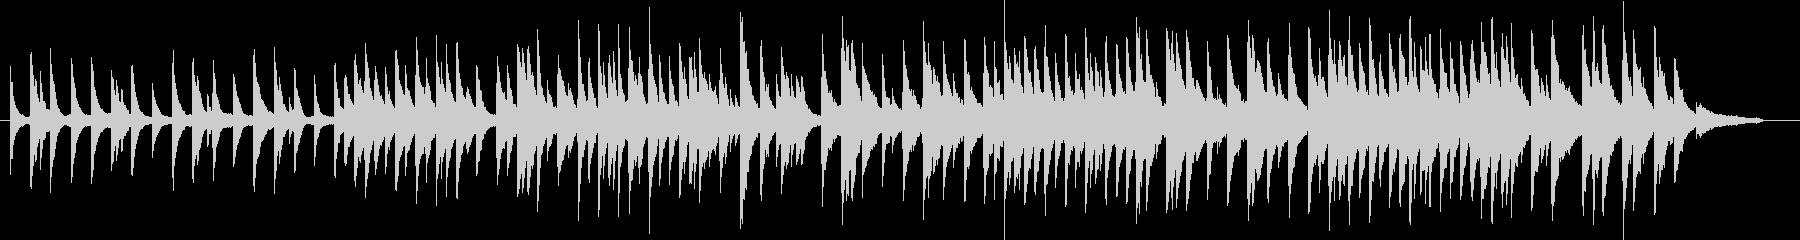 威風堂々のピアノソロバージョン ト長調の未再生の波形